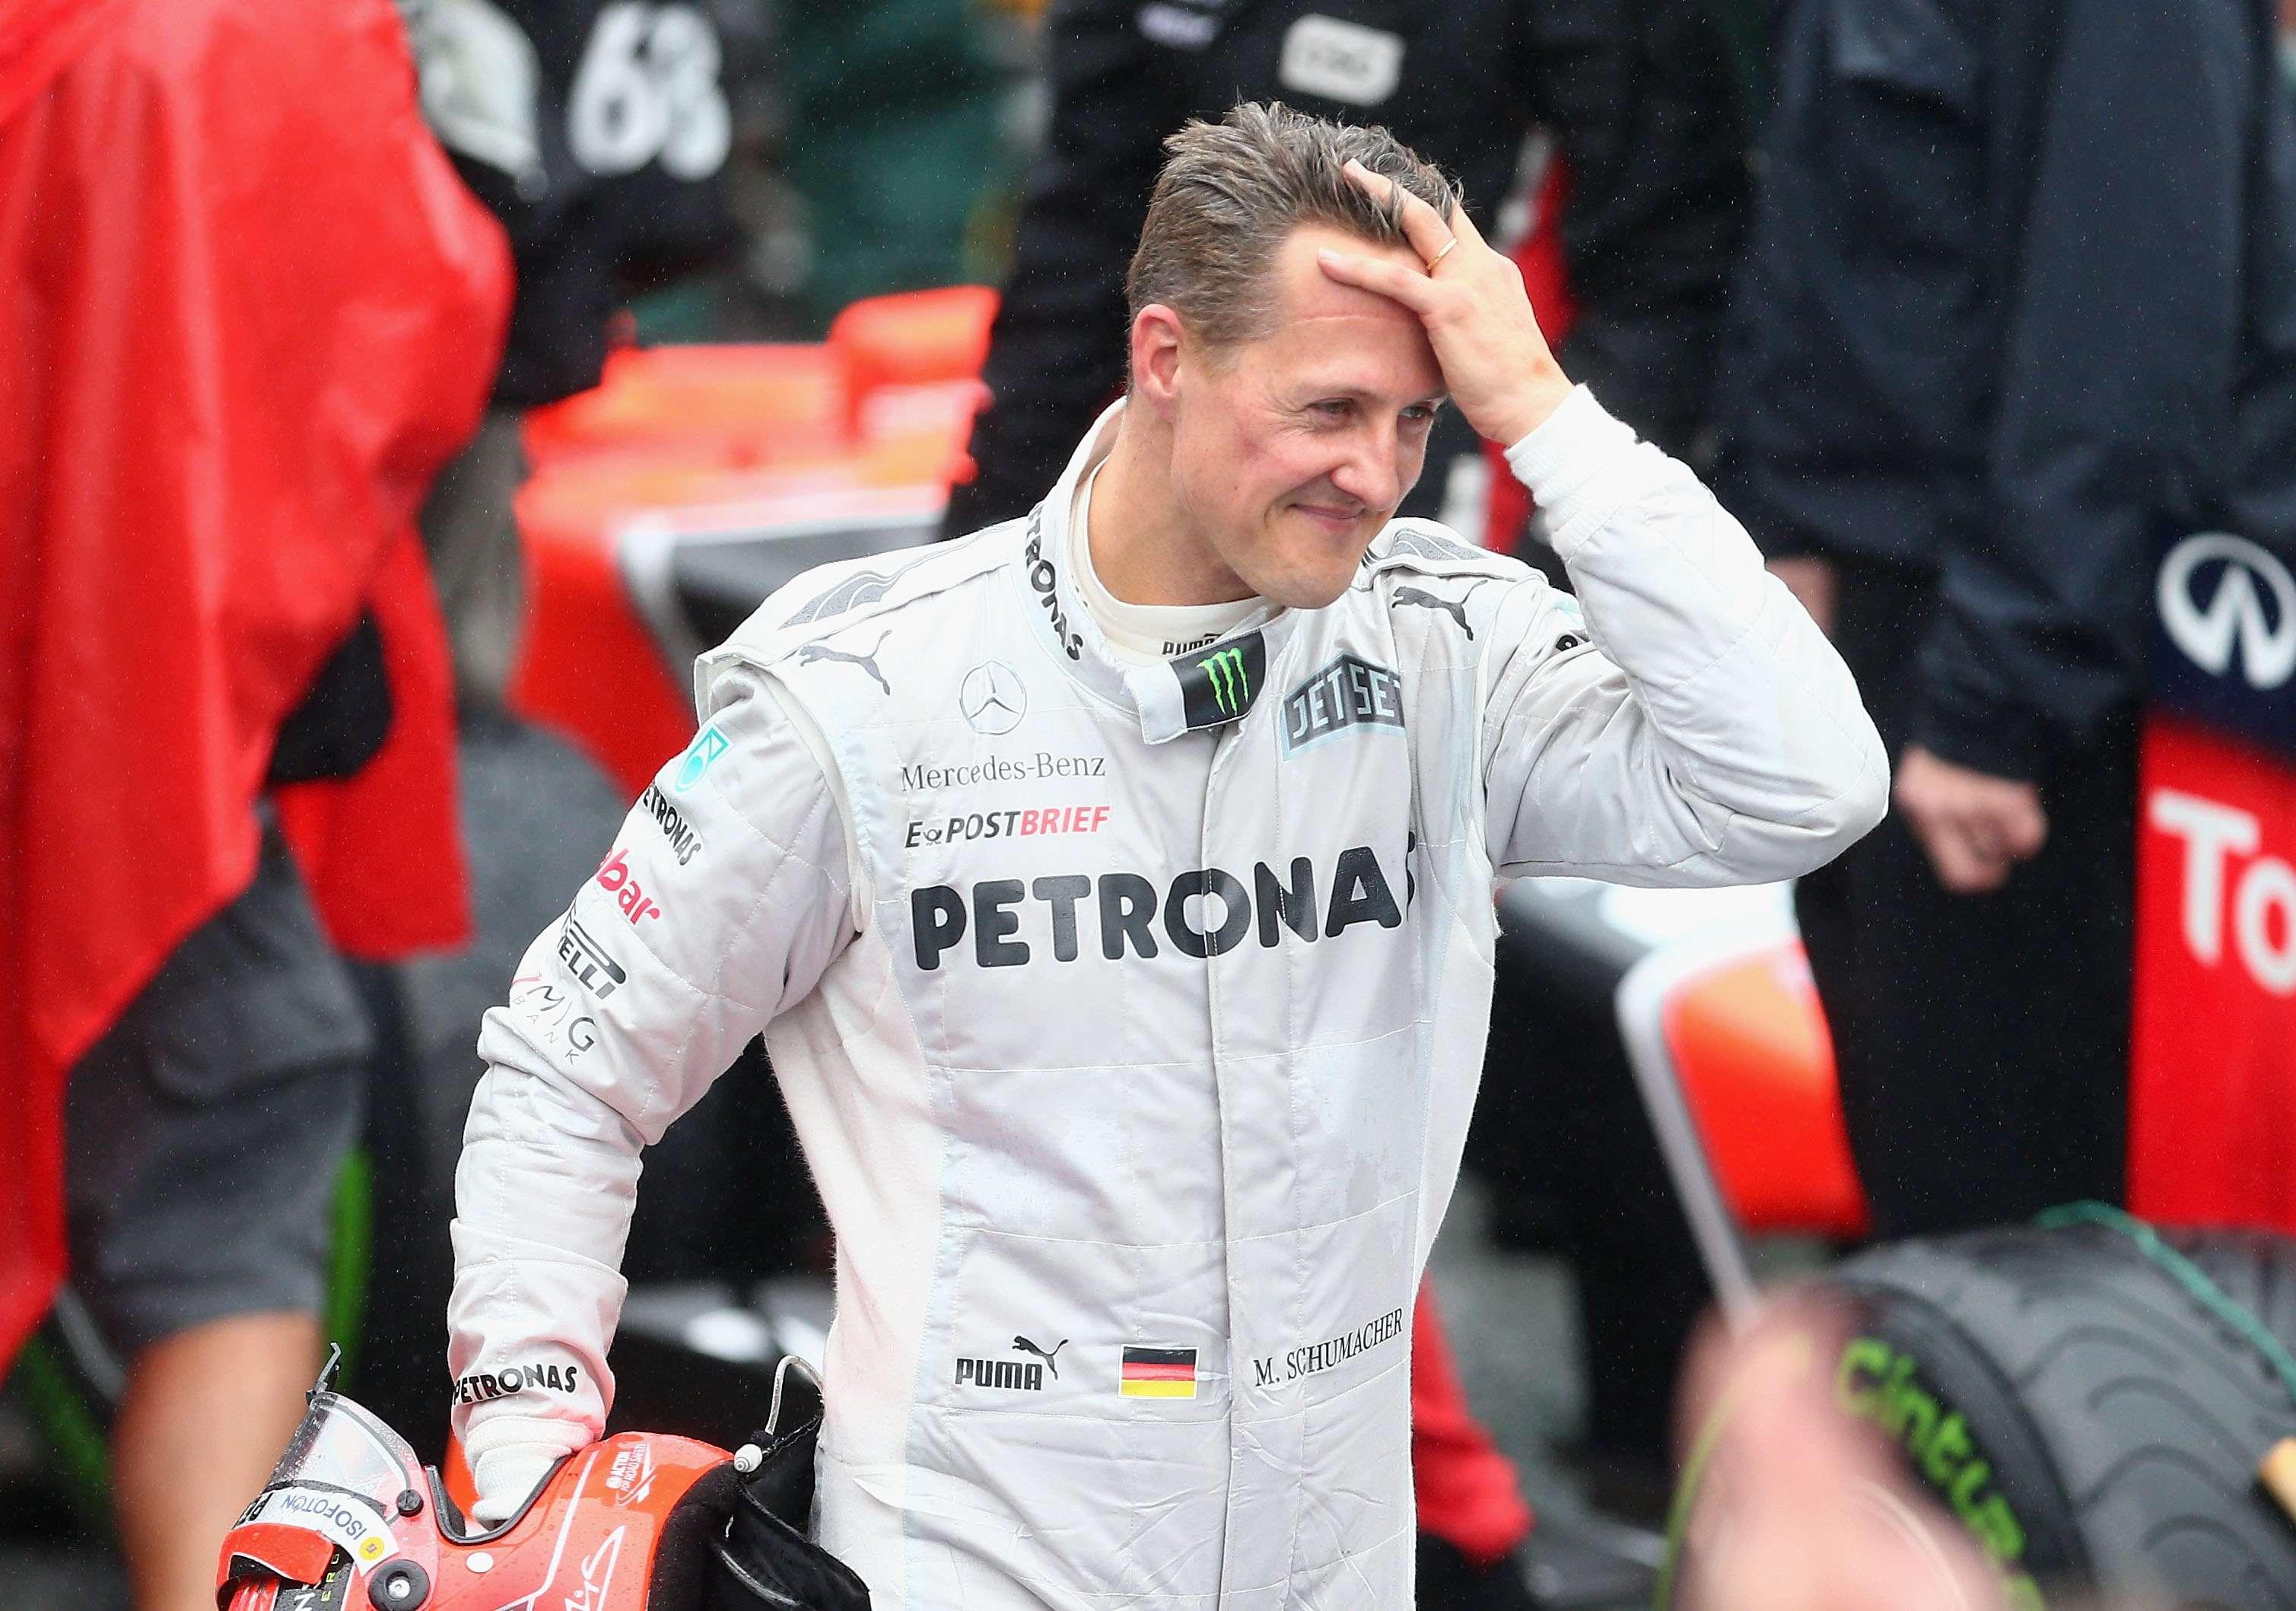 El piloto alemán Michael Schumacher fue heptacampeón de la Fórmula 1 Foto: Gettyimages